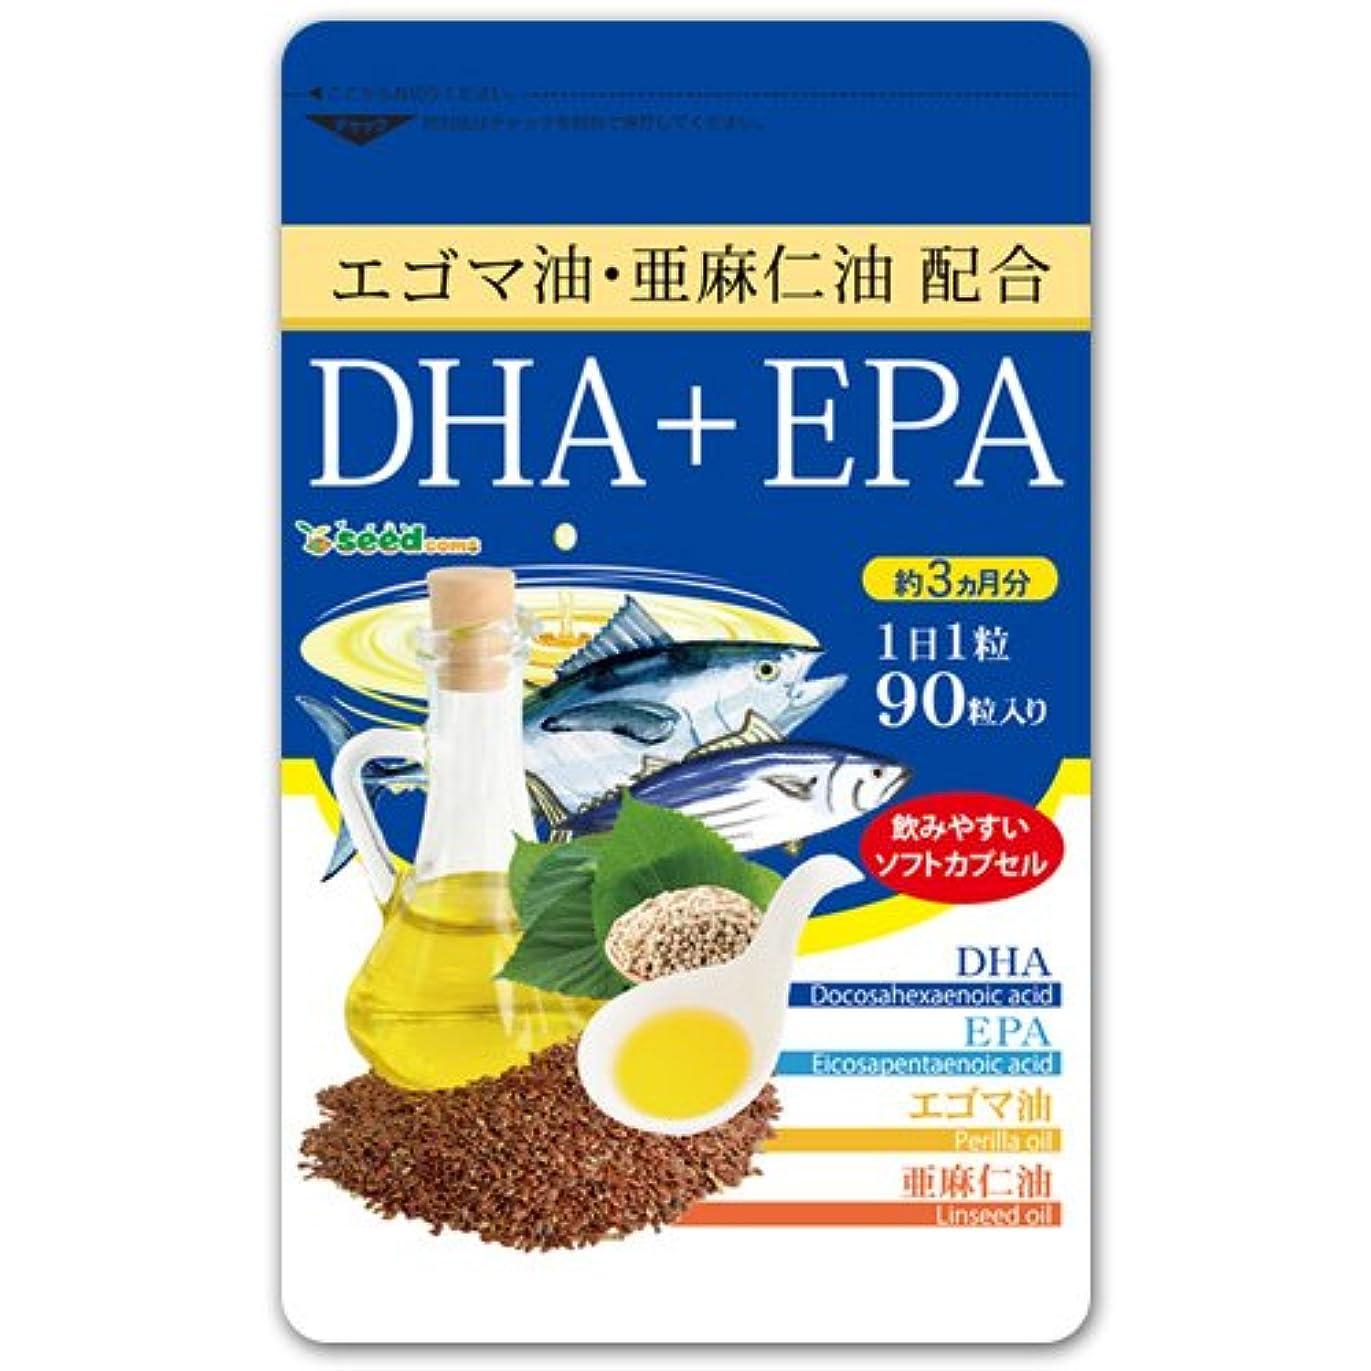 くつろぐいじめっ子バング【 seedcoms シードコムス 公式 】亜麻仁油 エゴマ油配合 DHA+EPA (約3ヶ月分/90粒)